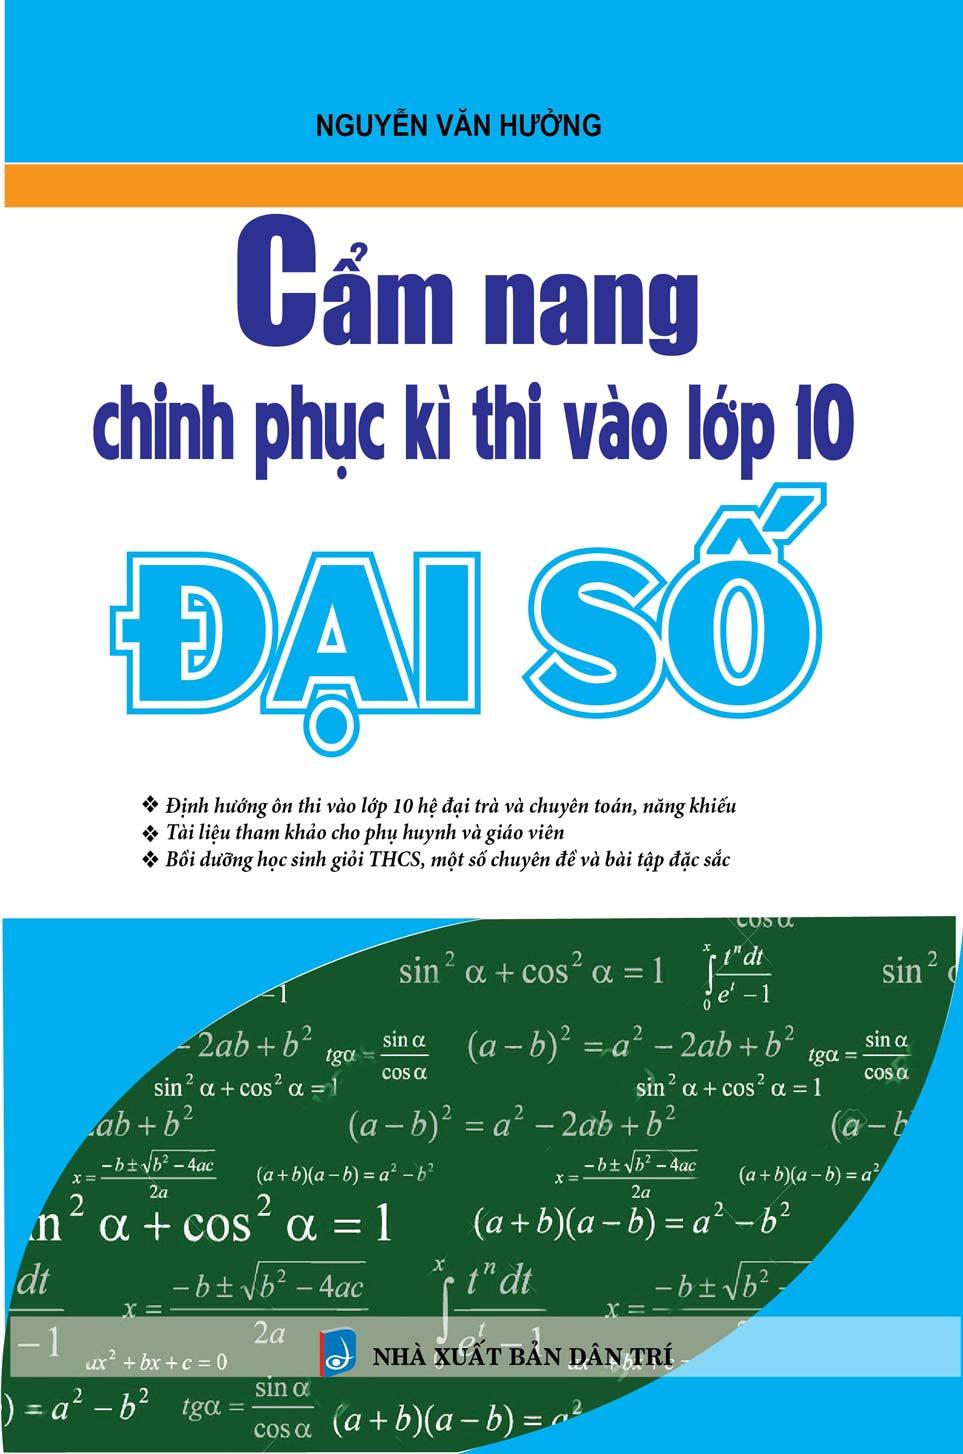 Cẩm Nang Chinh Phục Kì Thi Vào Lớp 10 Đại Số